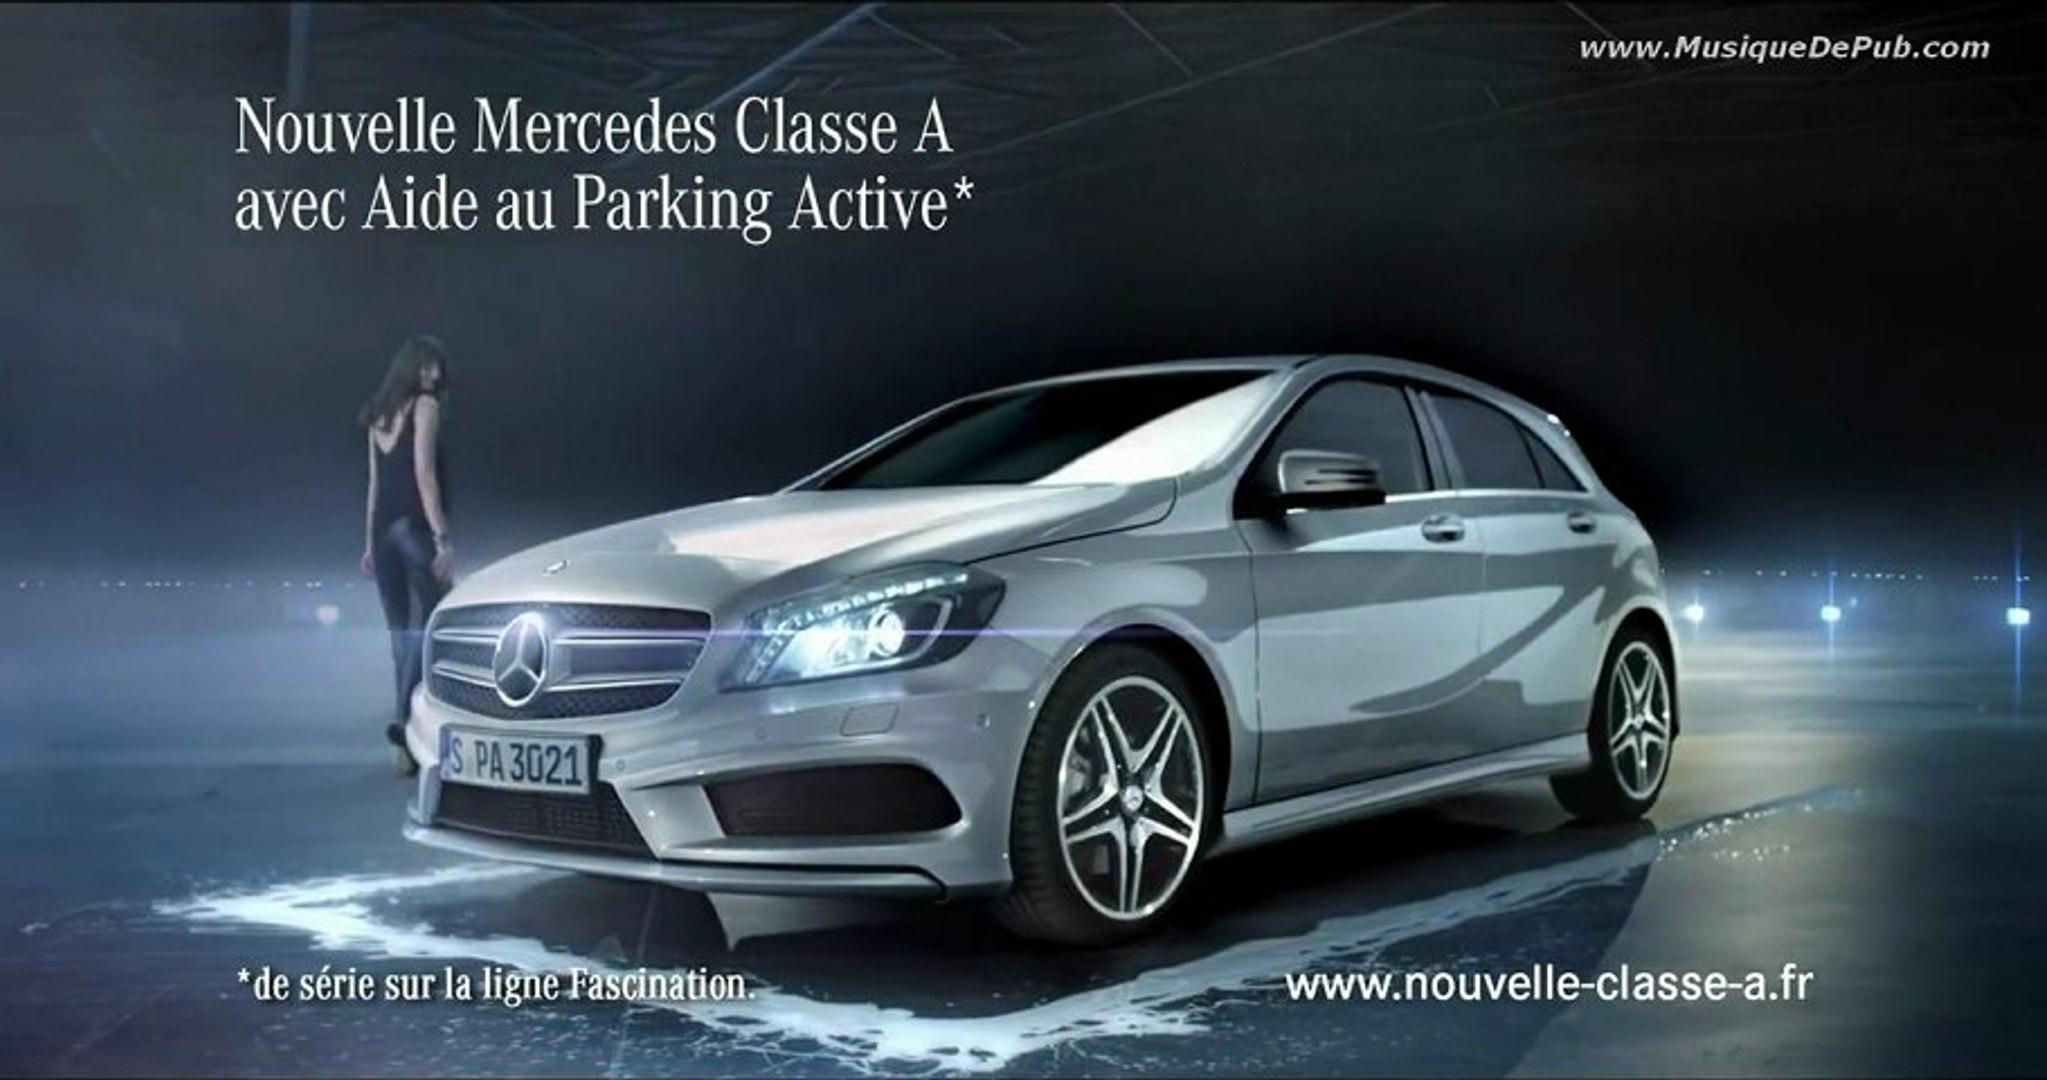 Pub Mercedes Classe A Aide Au Parking Active 2013 Hq